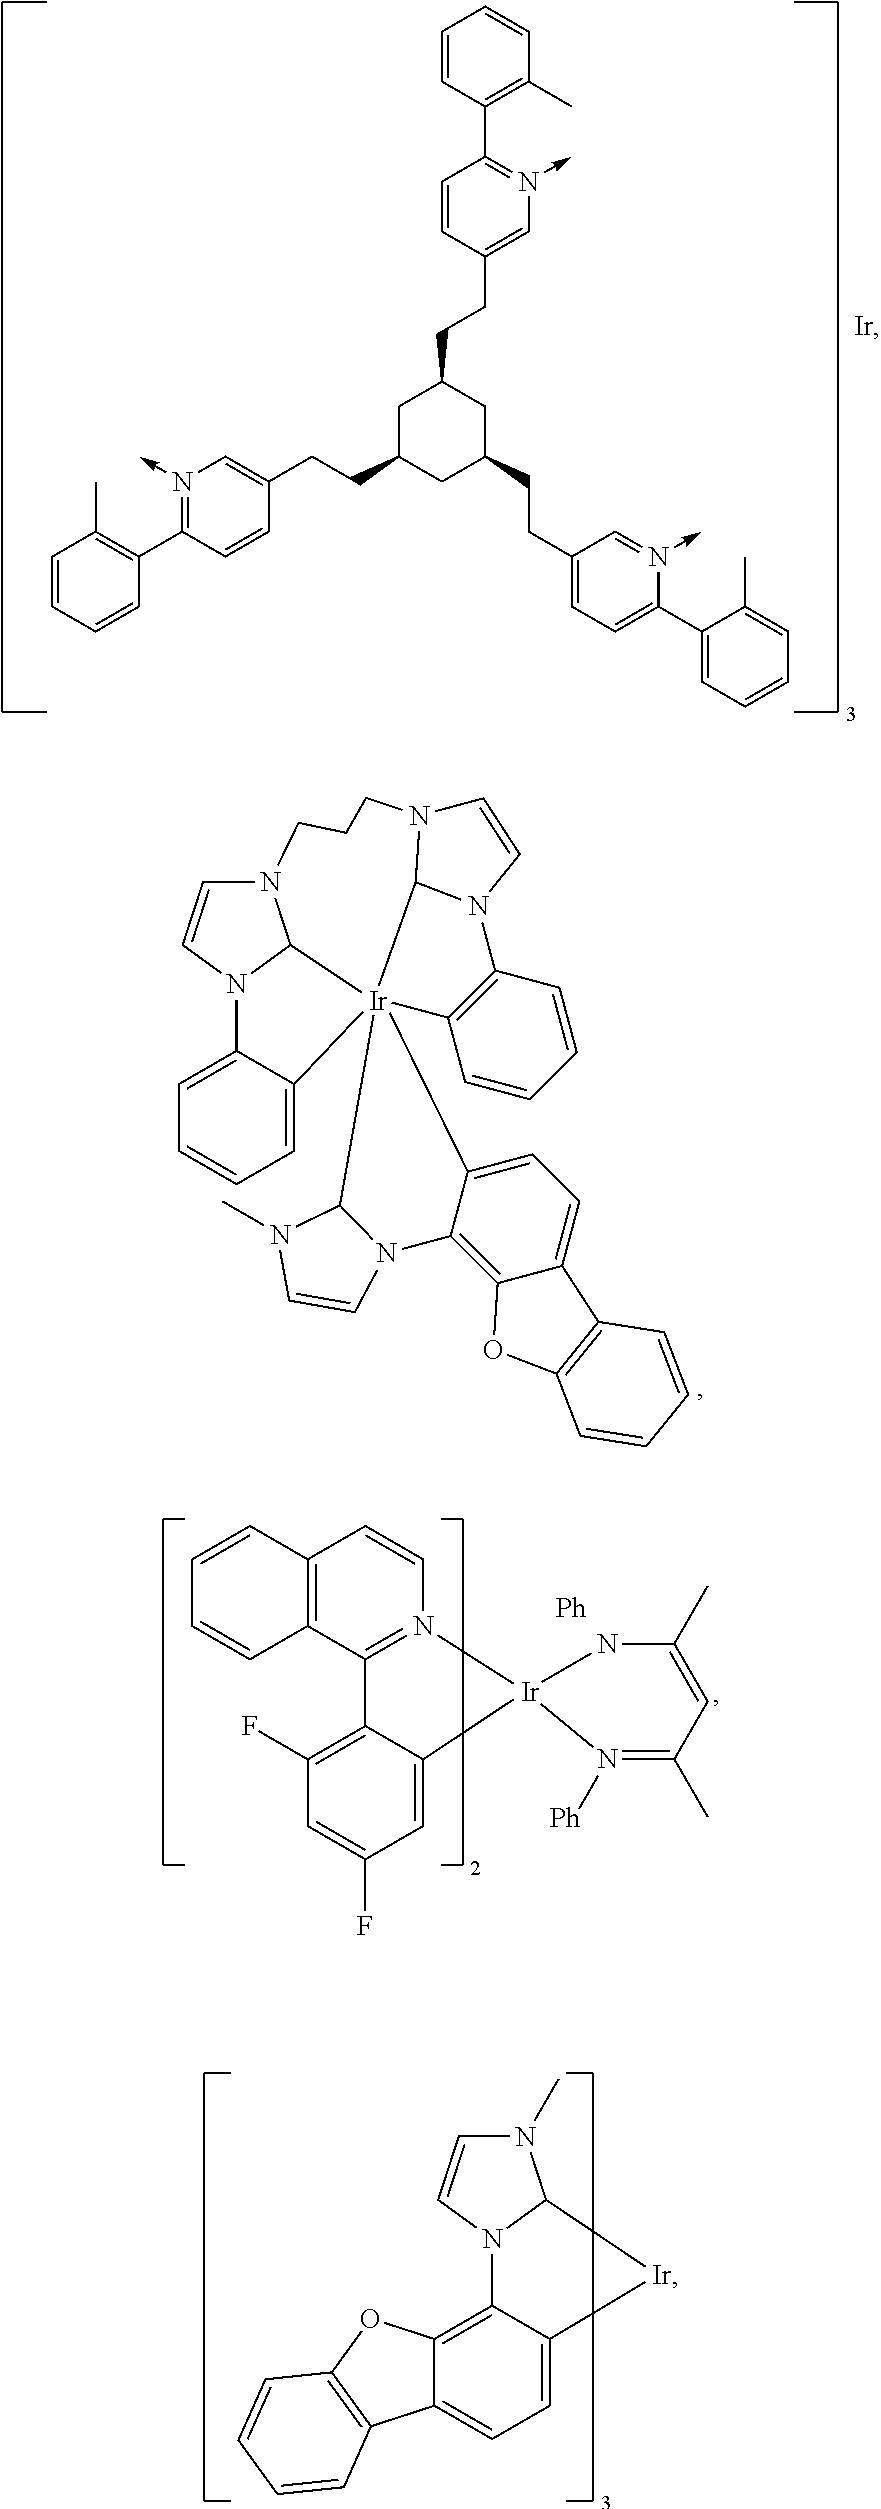 Figure US20180076393A1-20180315-C00116